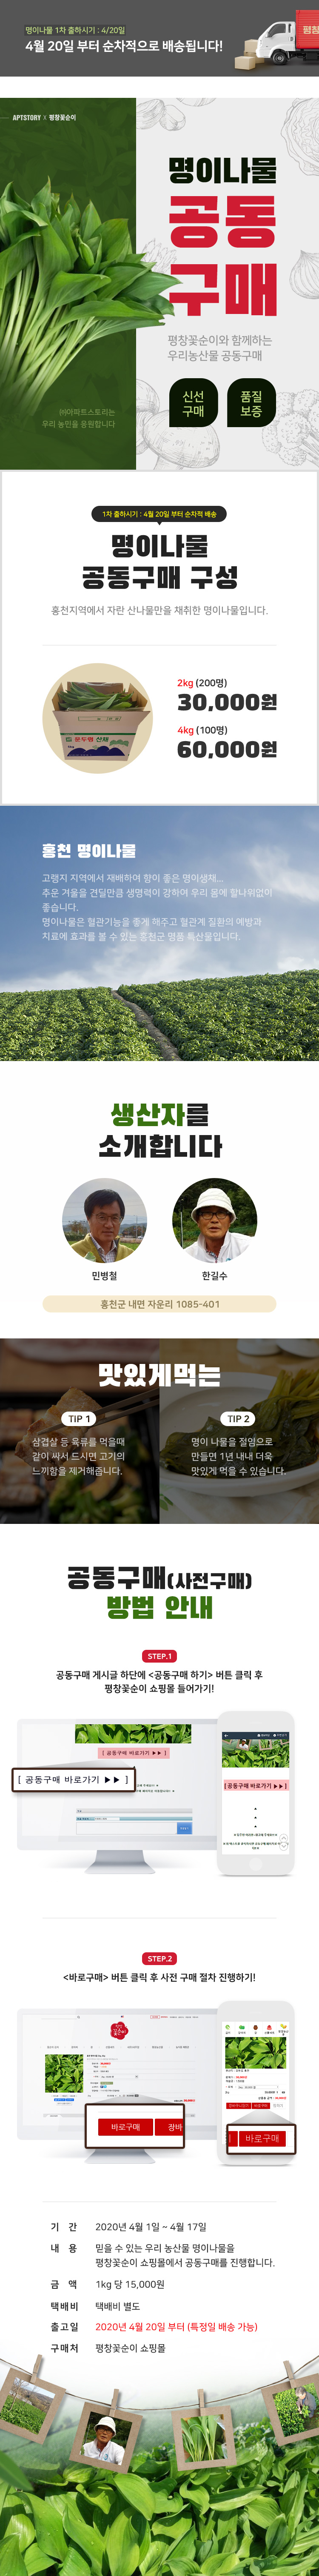 공동구매_상세_꽃순이.jpg